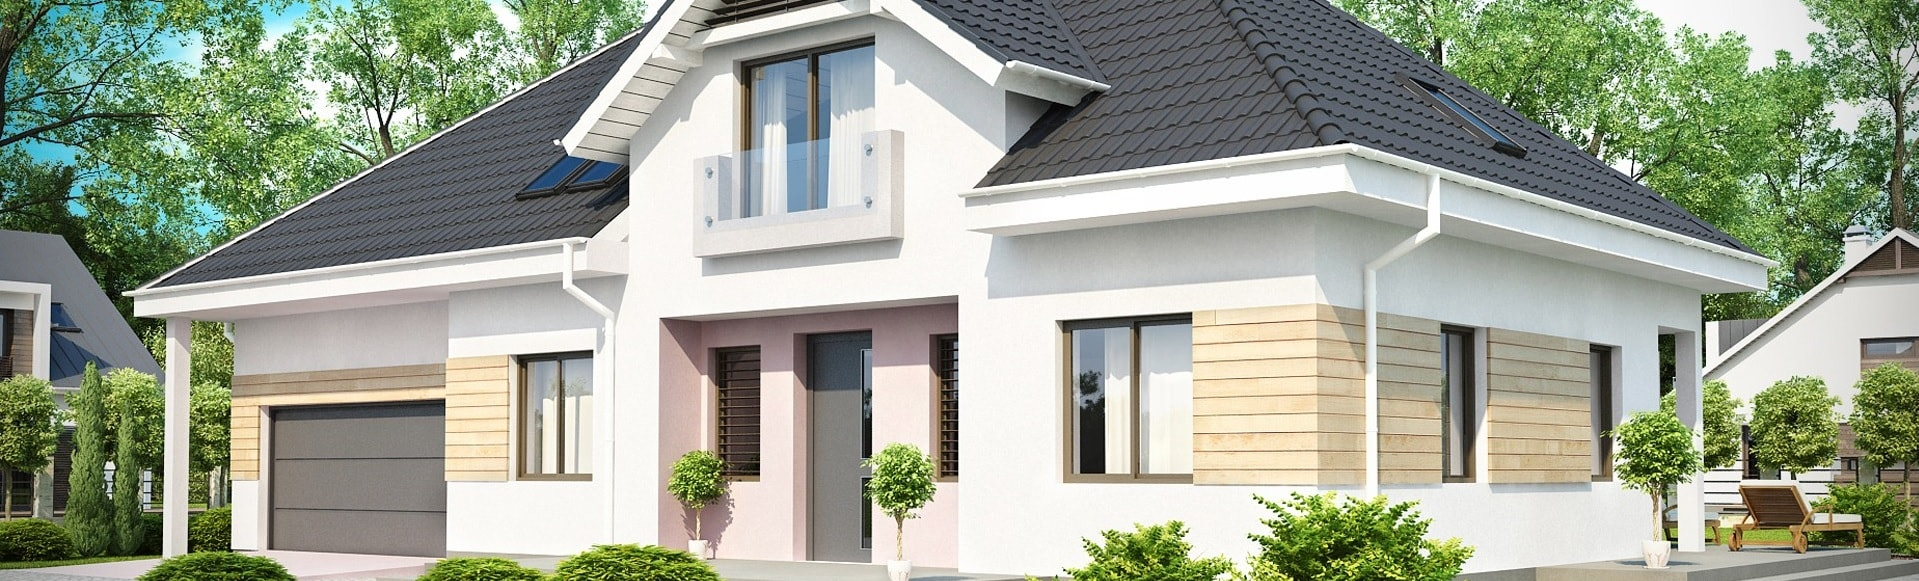 Энергосберегающие дома нового поколения!